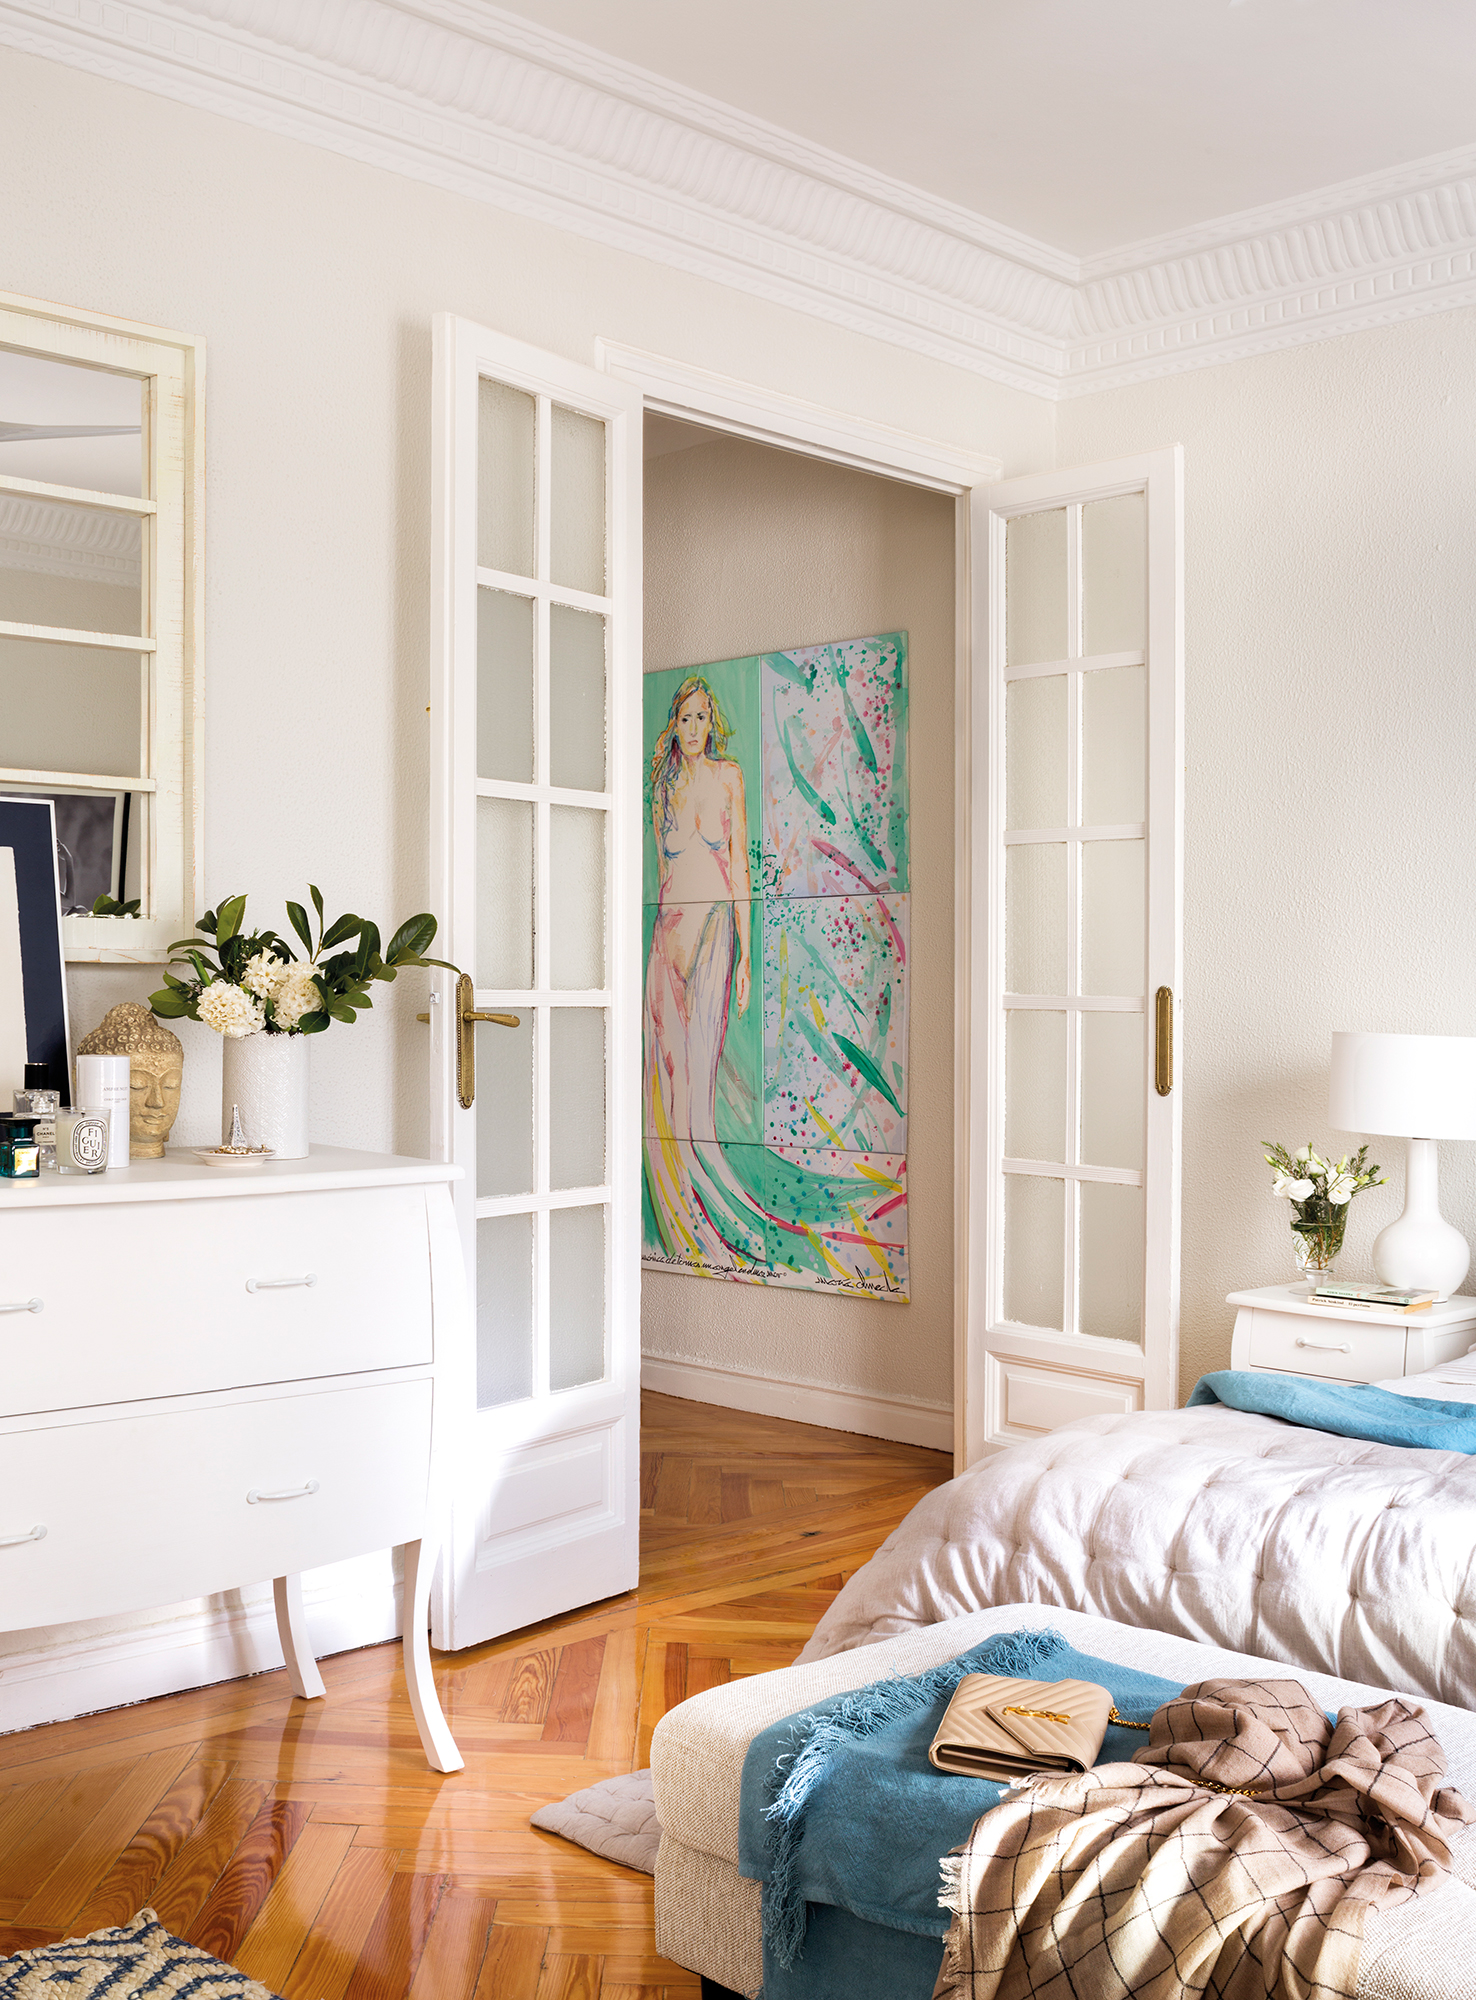 C Modas Para Dormitorio ~ Adornos Para Comodas De Dormitorio